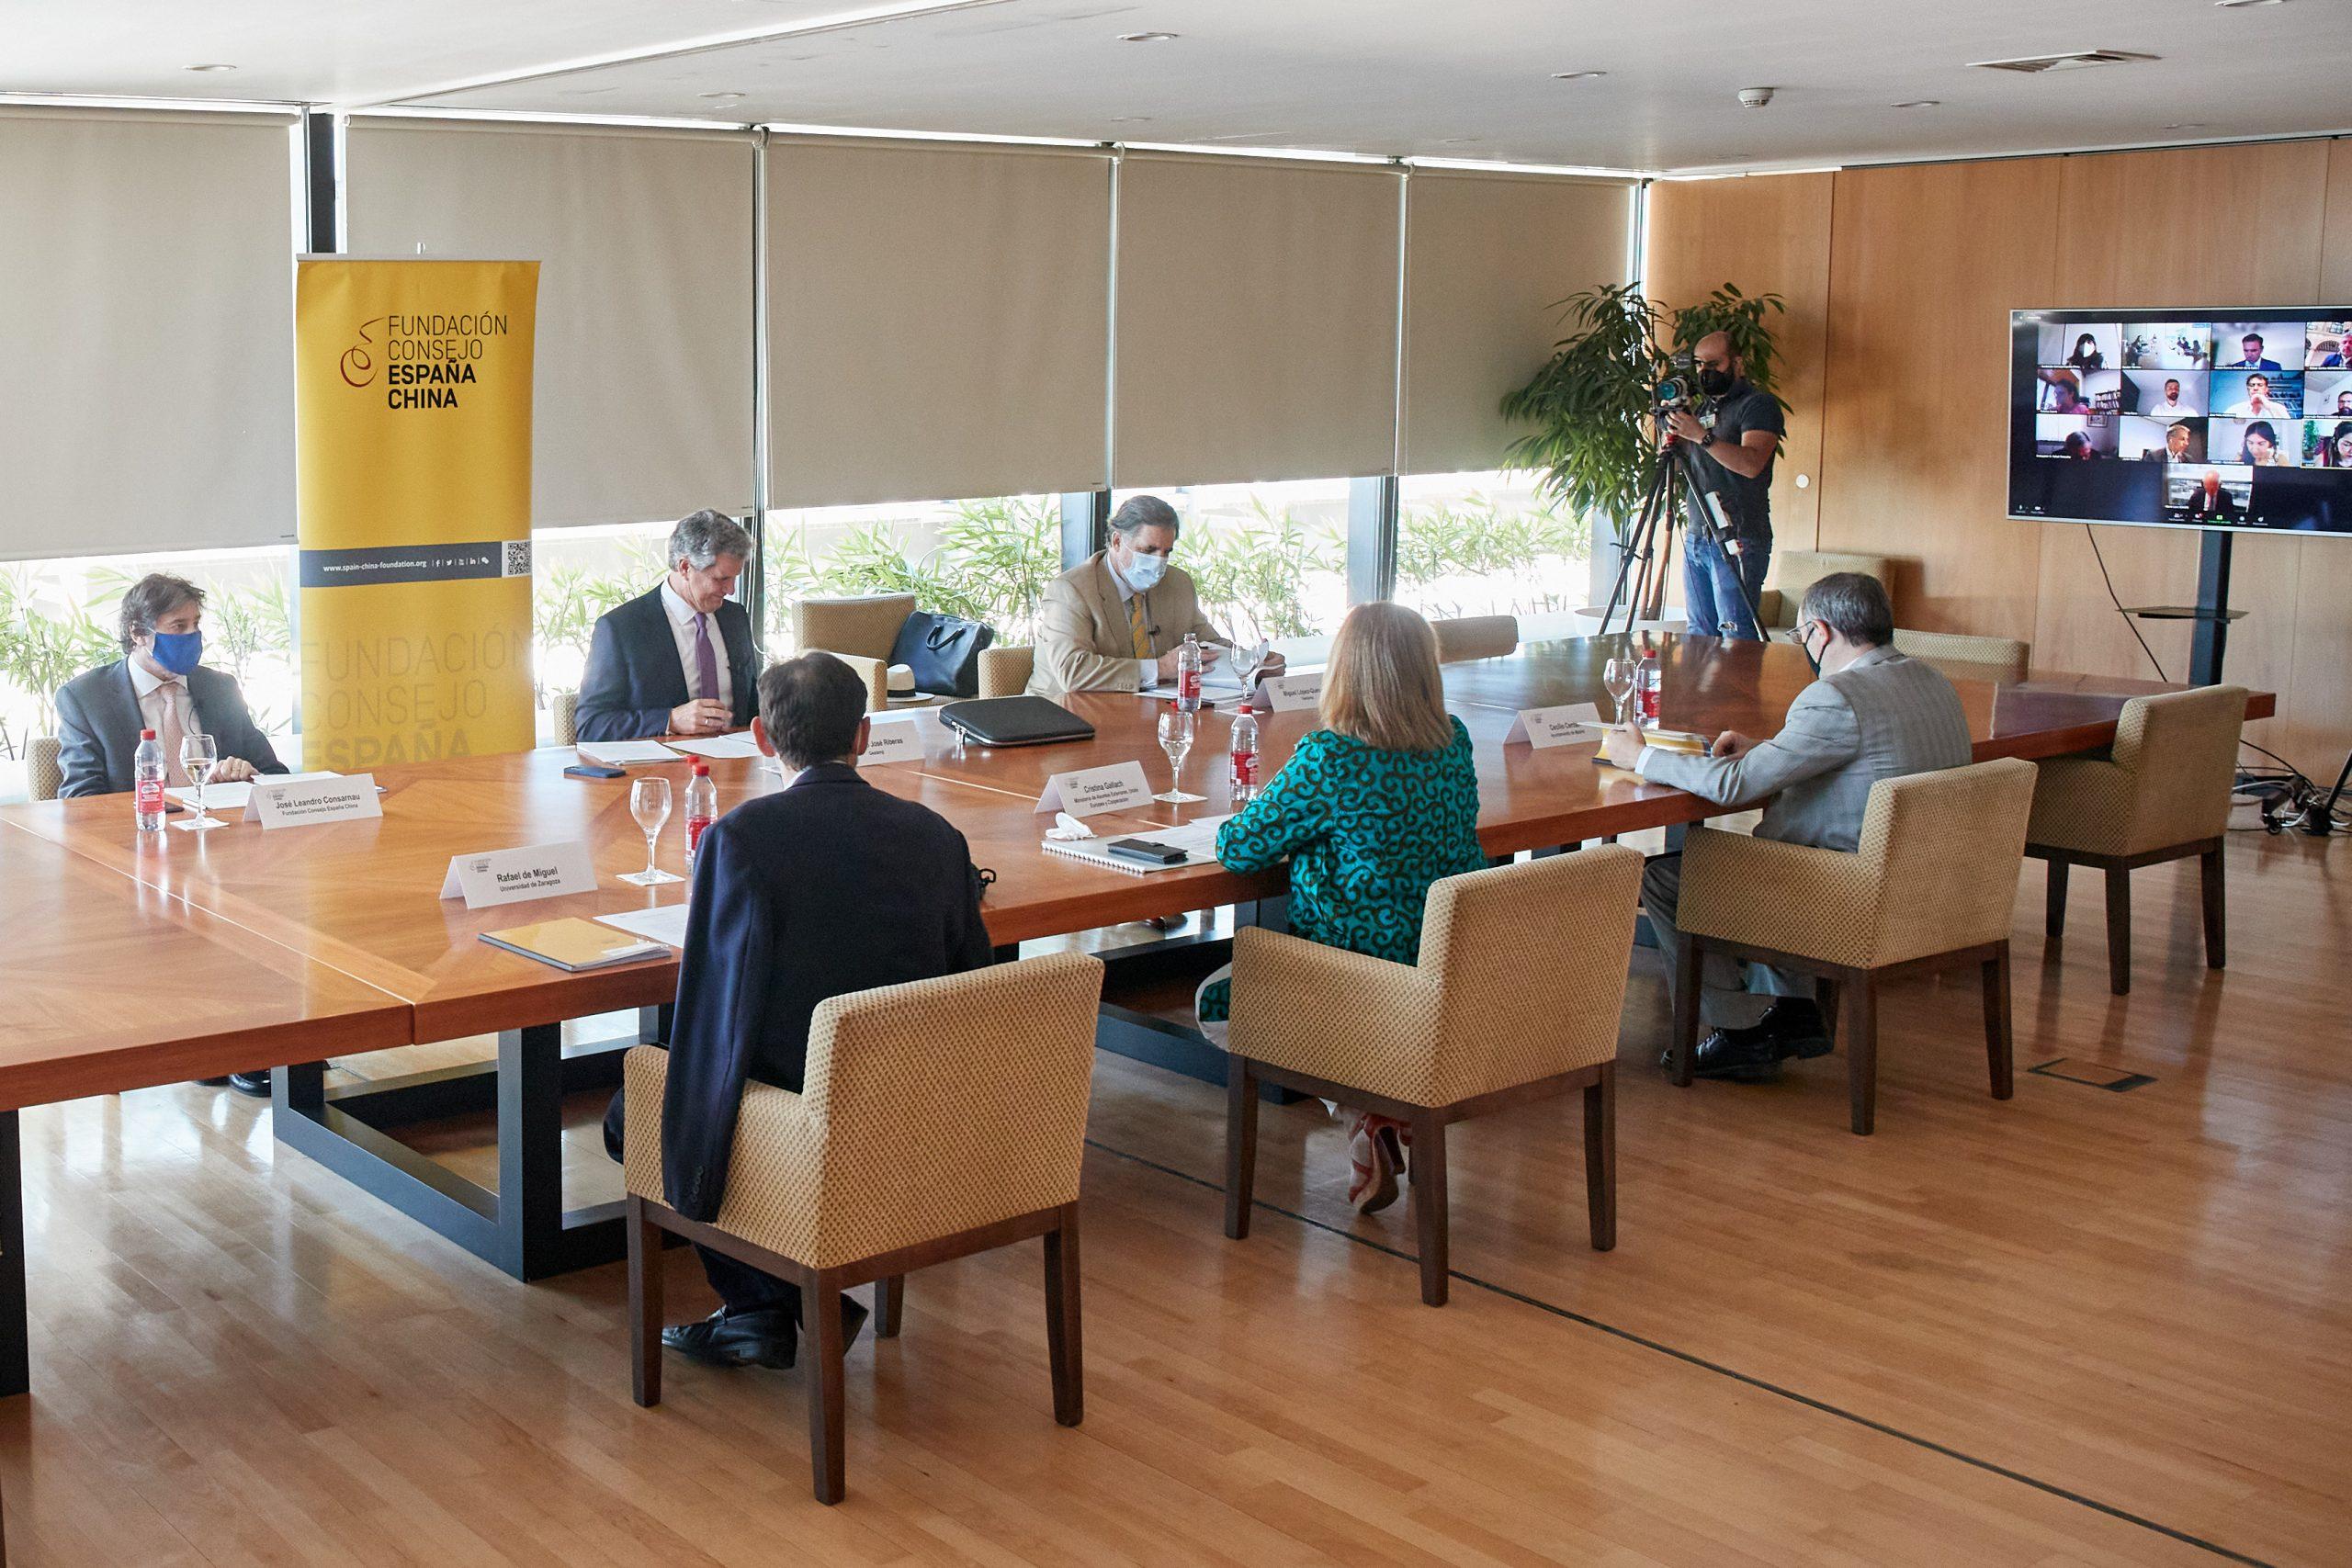 NOLSOM - Patronato Fundacion Consejo España-China